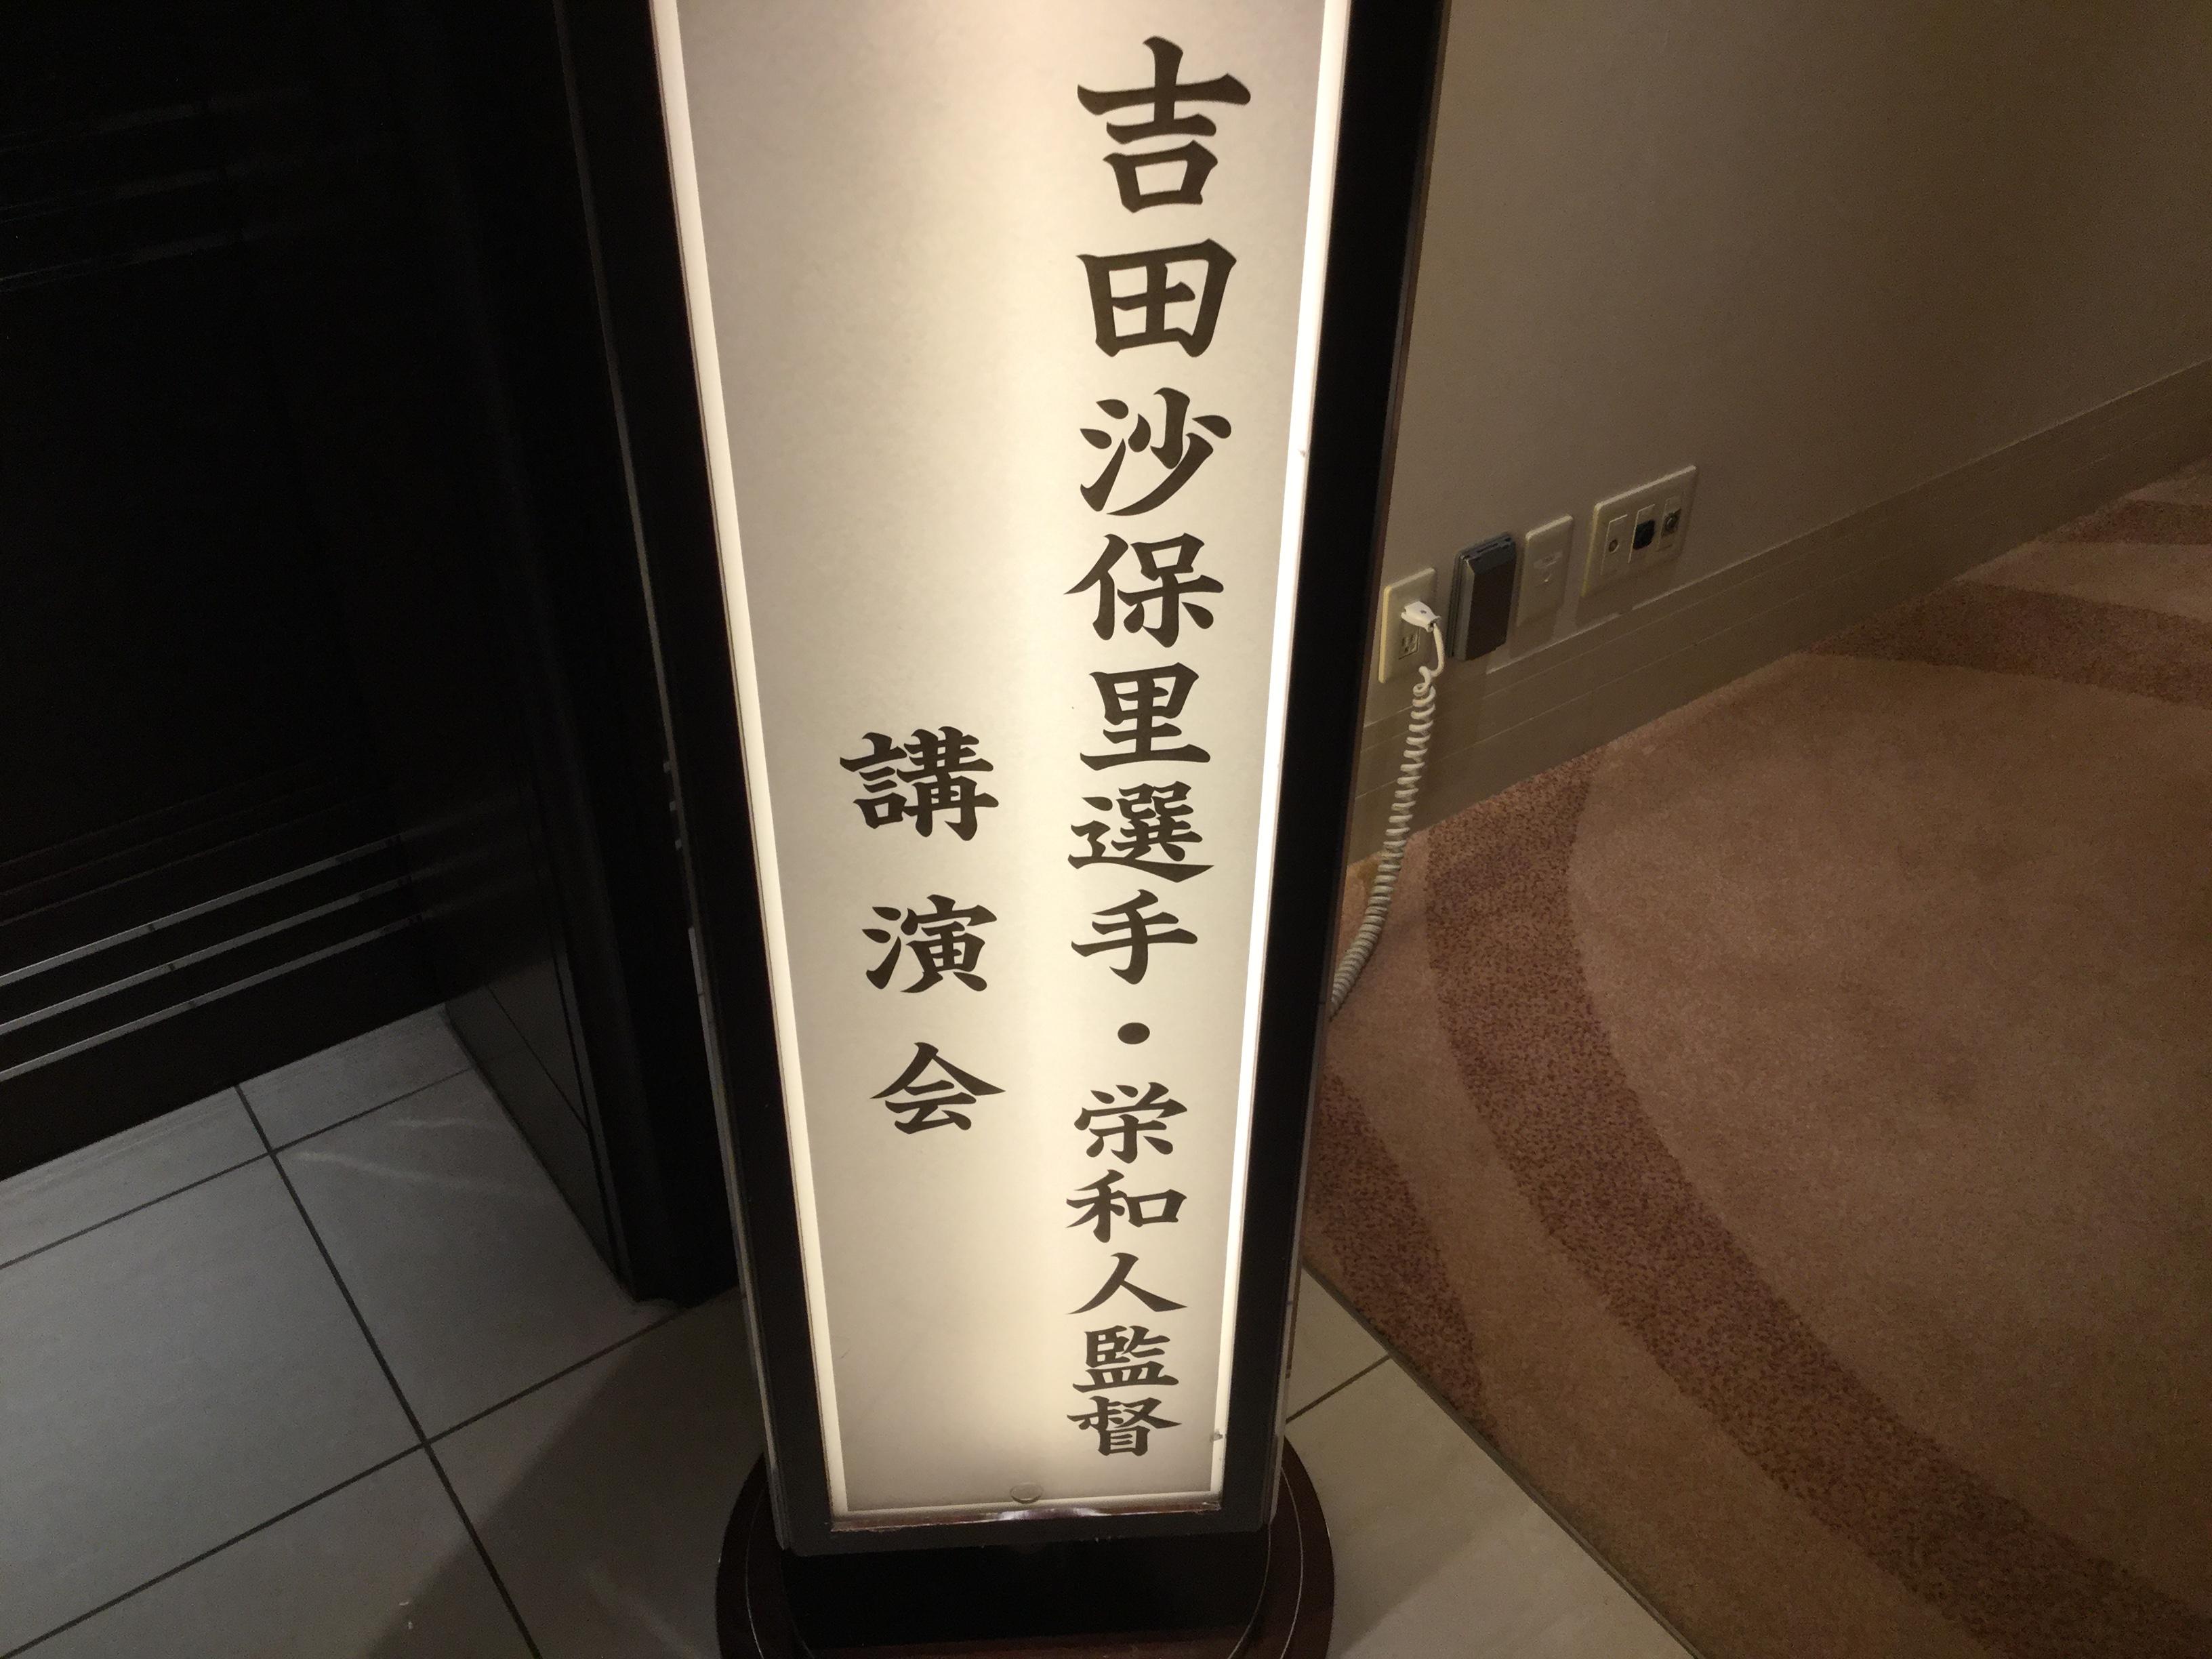 4つのオリンピックメダリスト吉田沙保里さんの講演会に行って来ました!